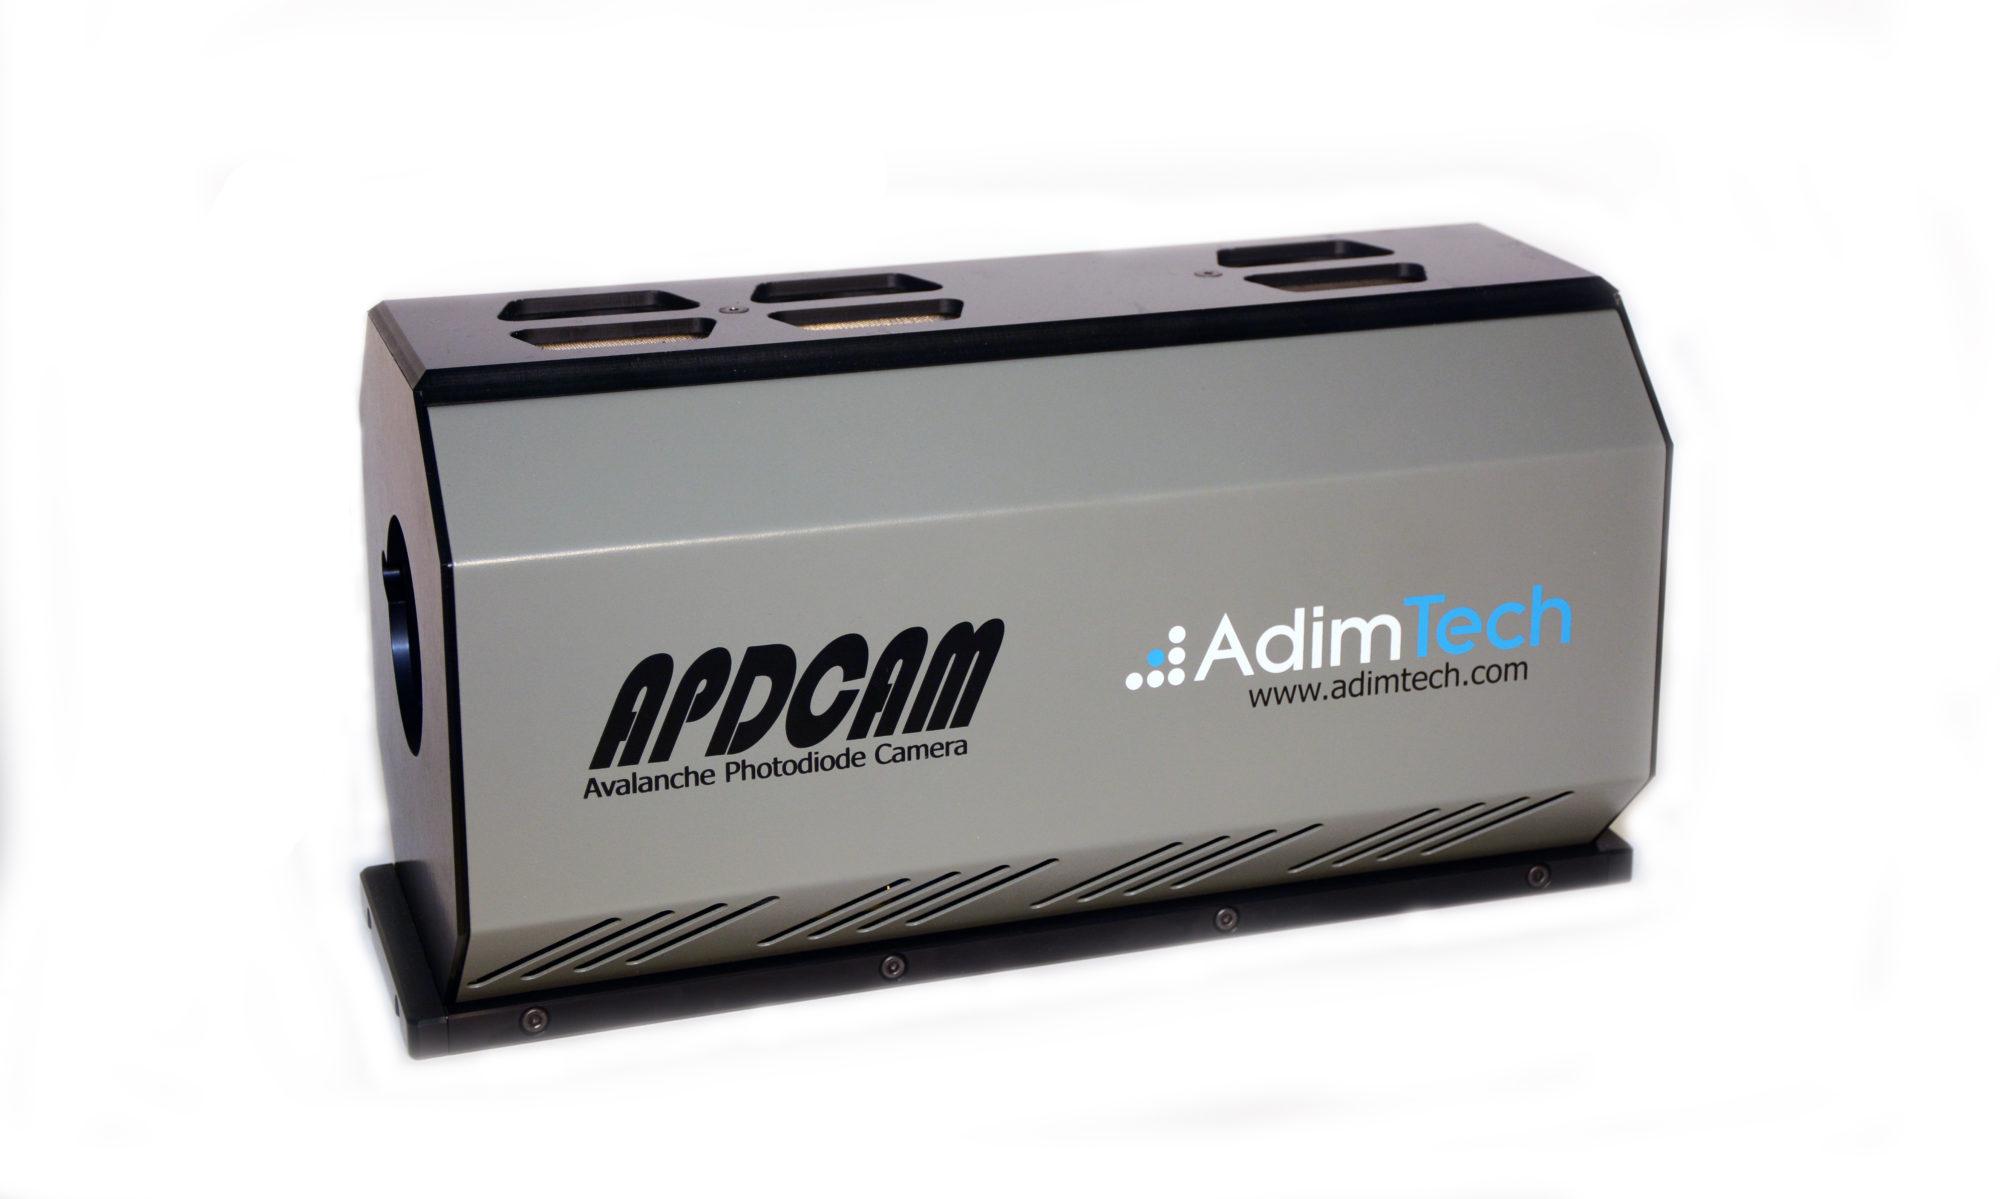 Adimtech.com